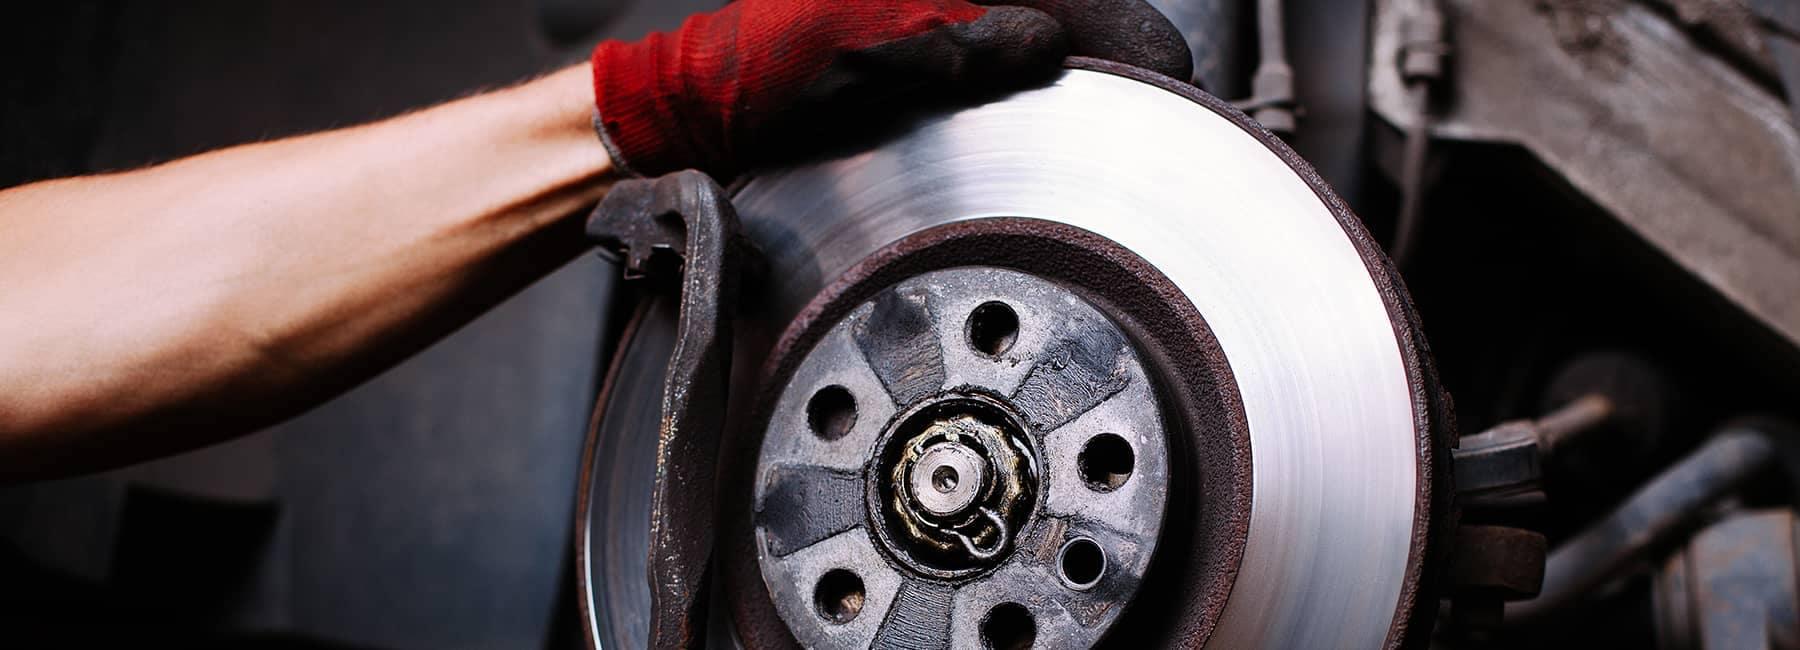 close-up-of-brake-rotors